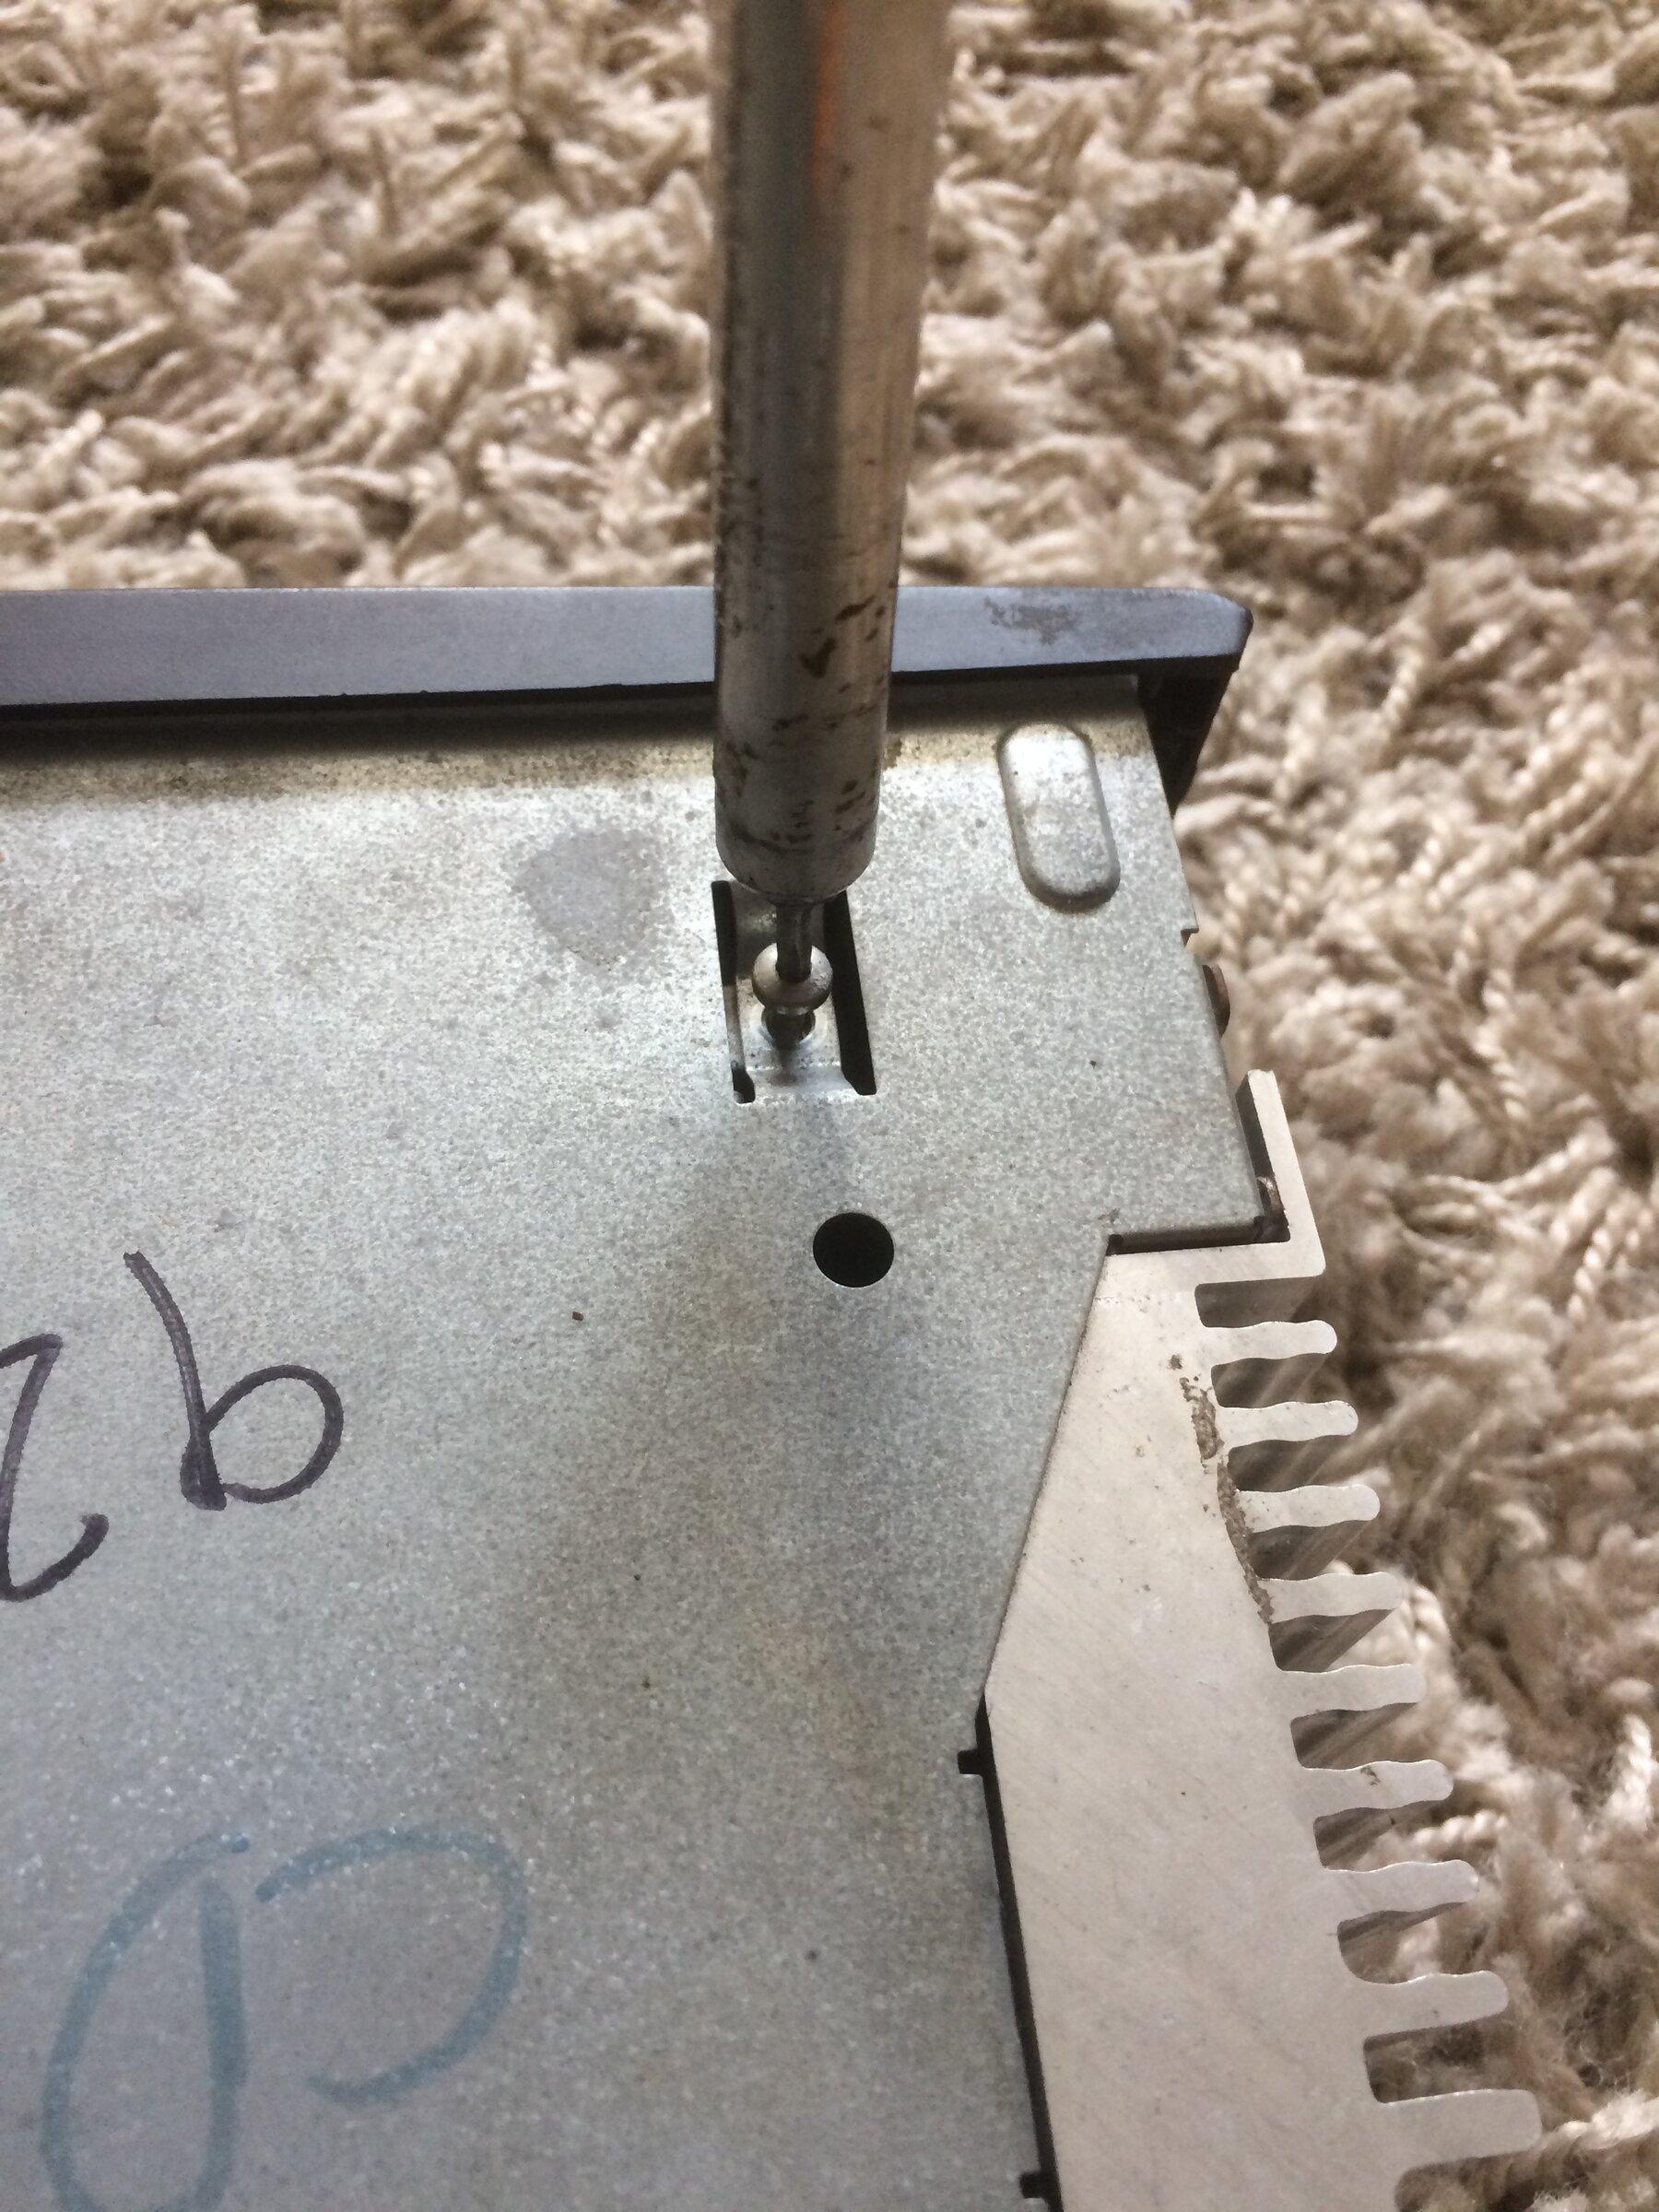 7A4BAC31-AA44-4681-9397-ABA22DDE04C3.jpeg